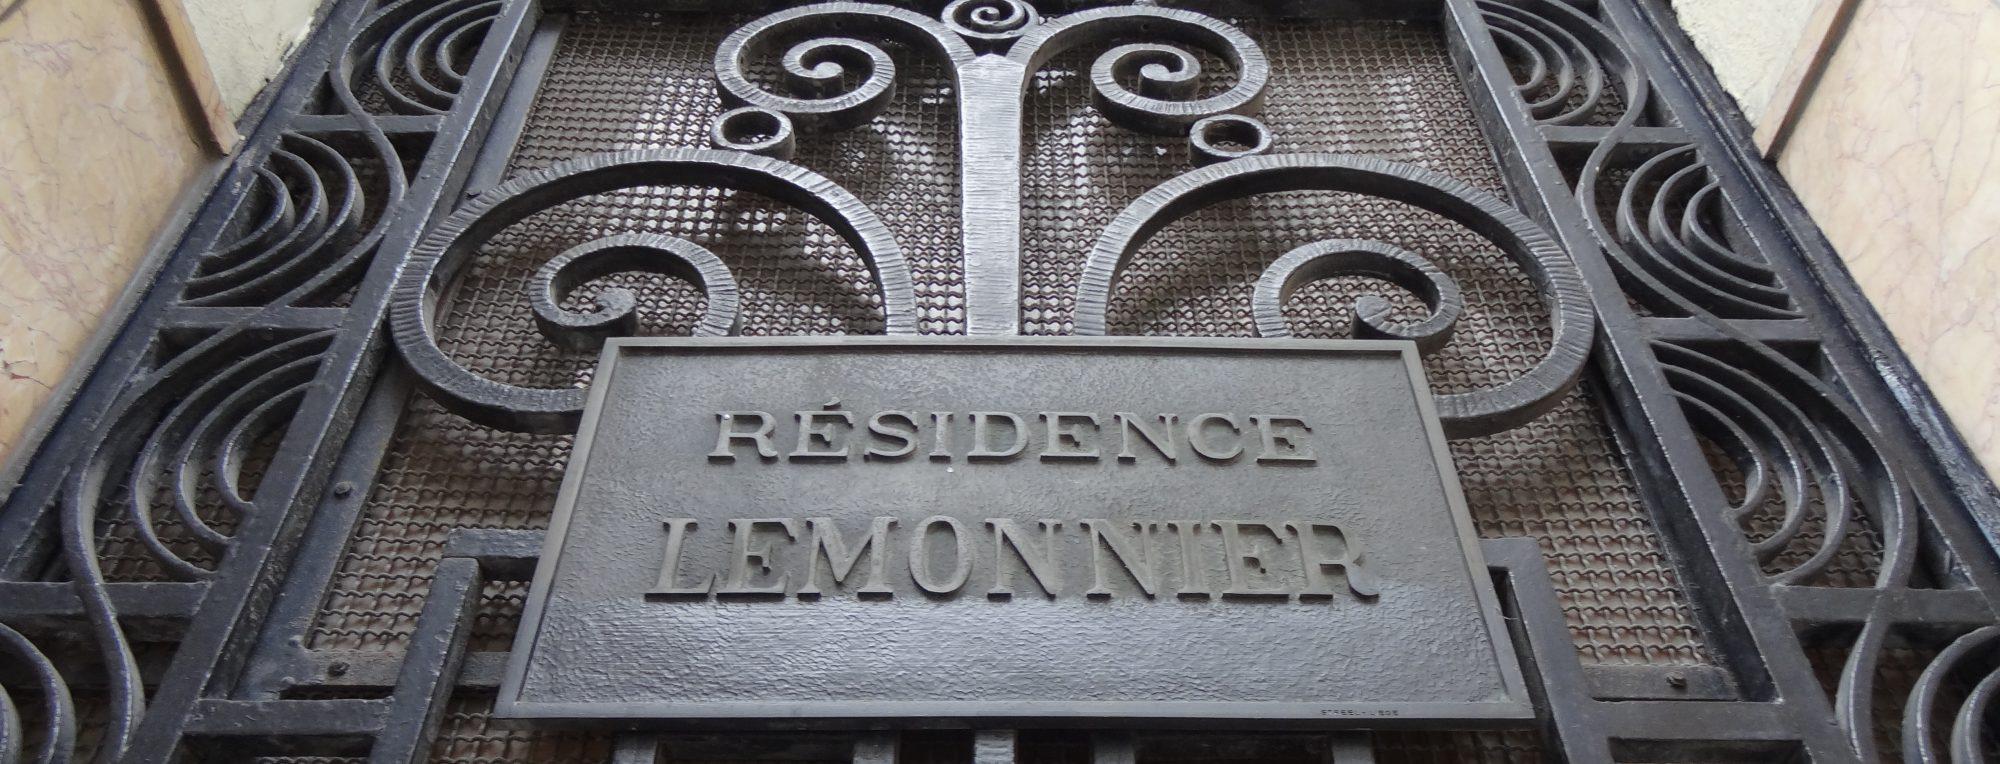 Passage Lemonnier